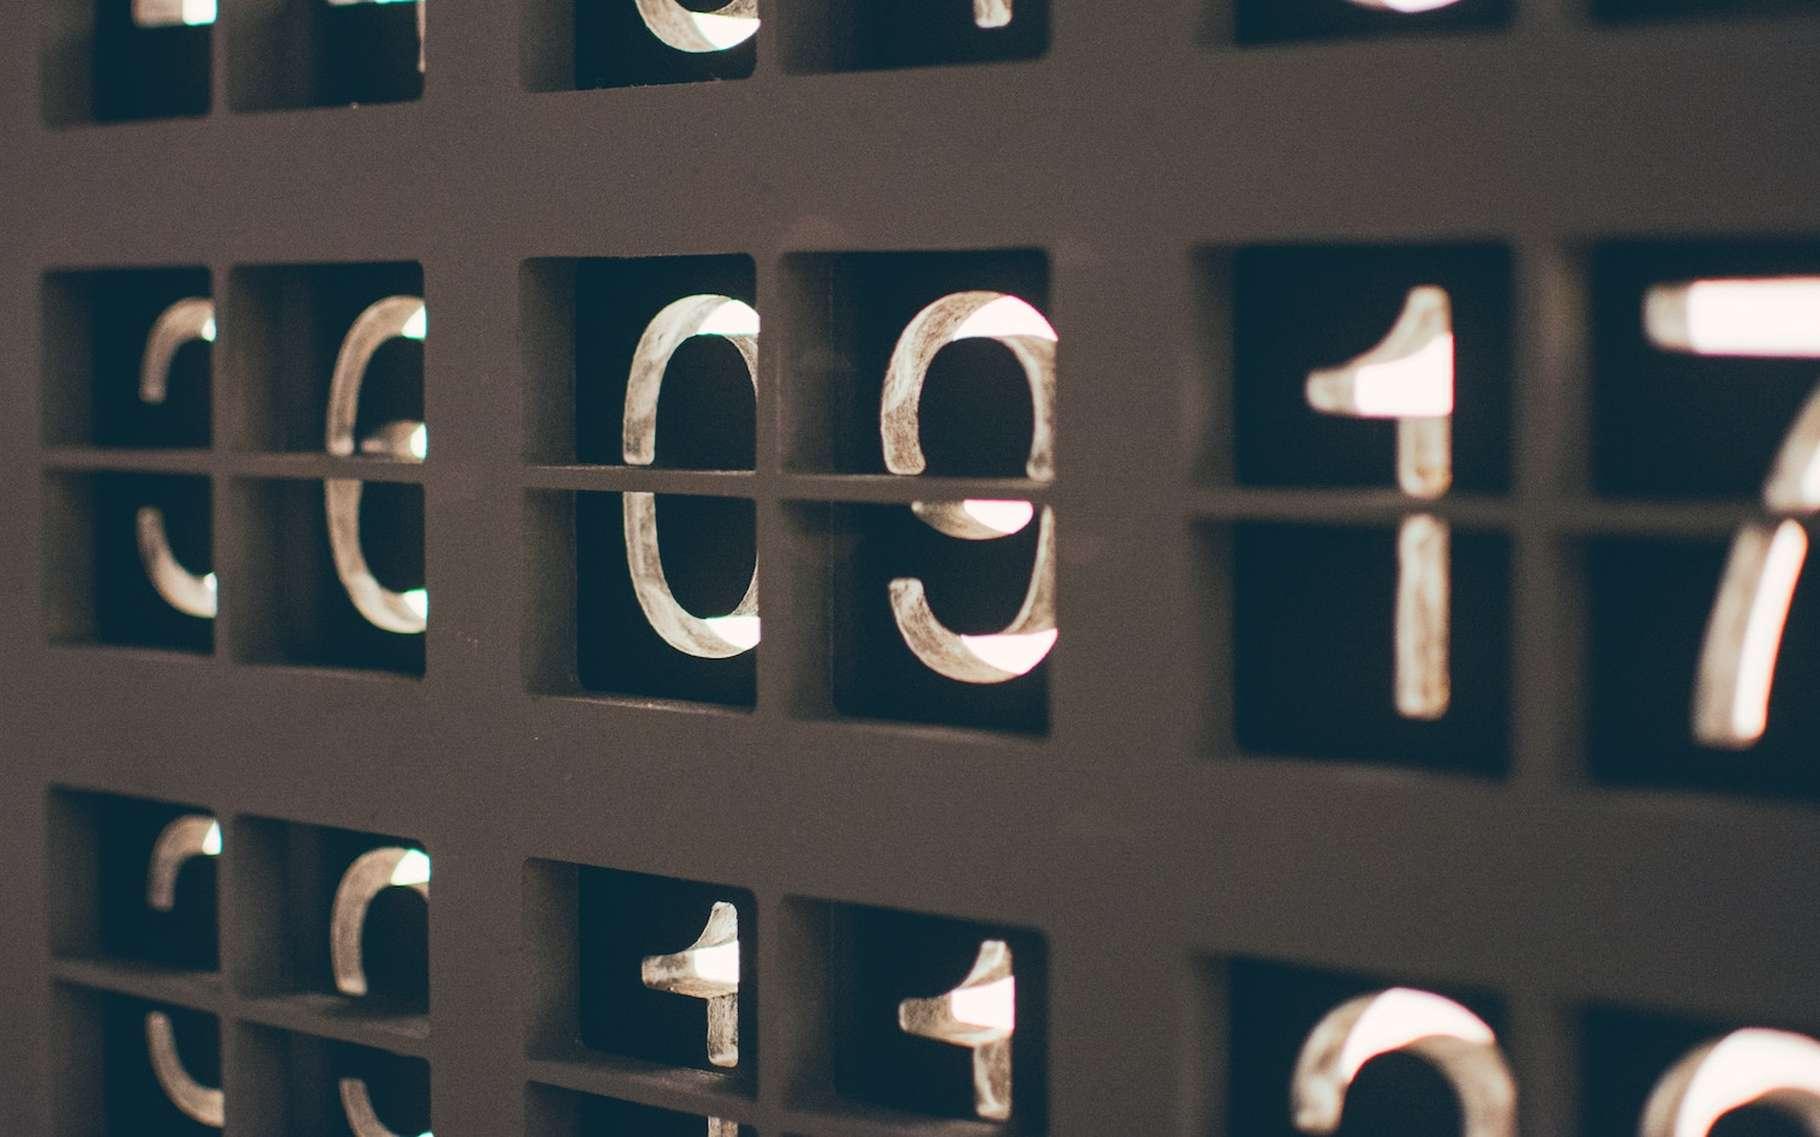 Notion fondamentale des mathématiques, les nombres sont partout autour de nous. © Nick Hillier, Unsplash